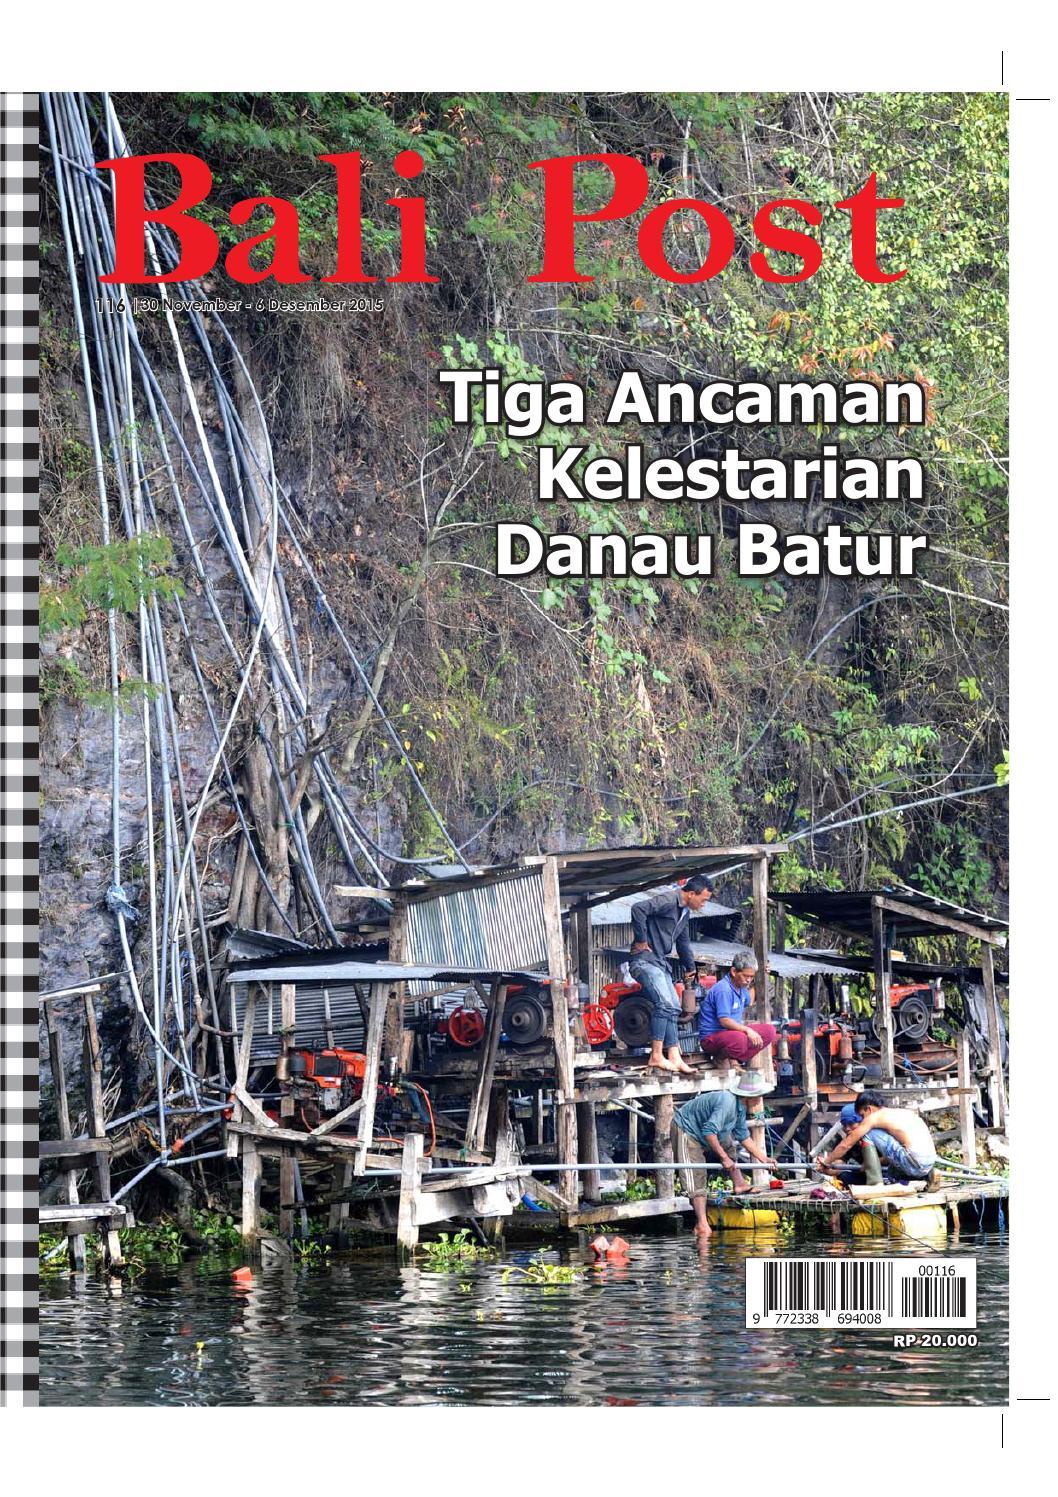 Majalah bali post edisi 116 by e-Paper KMB - issuu